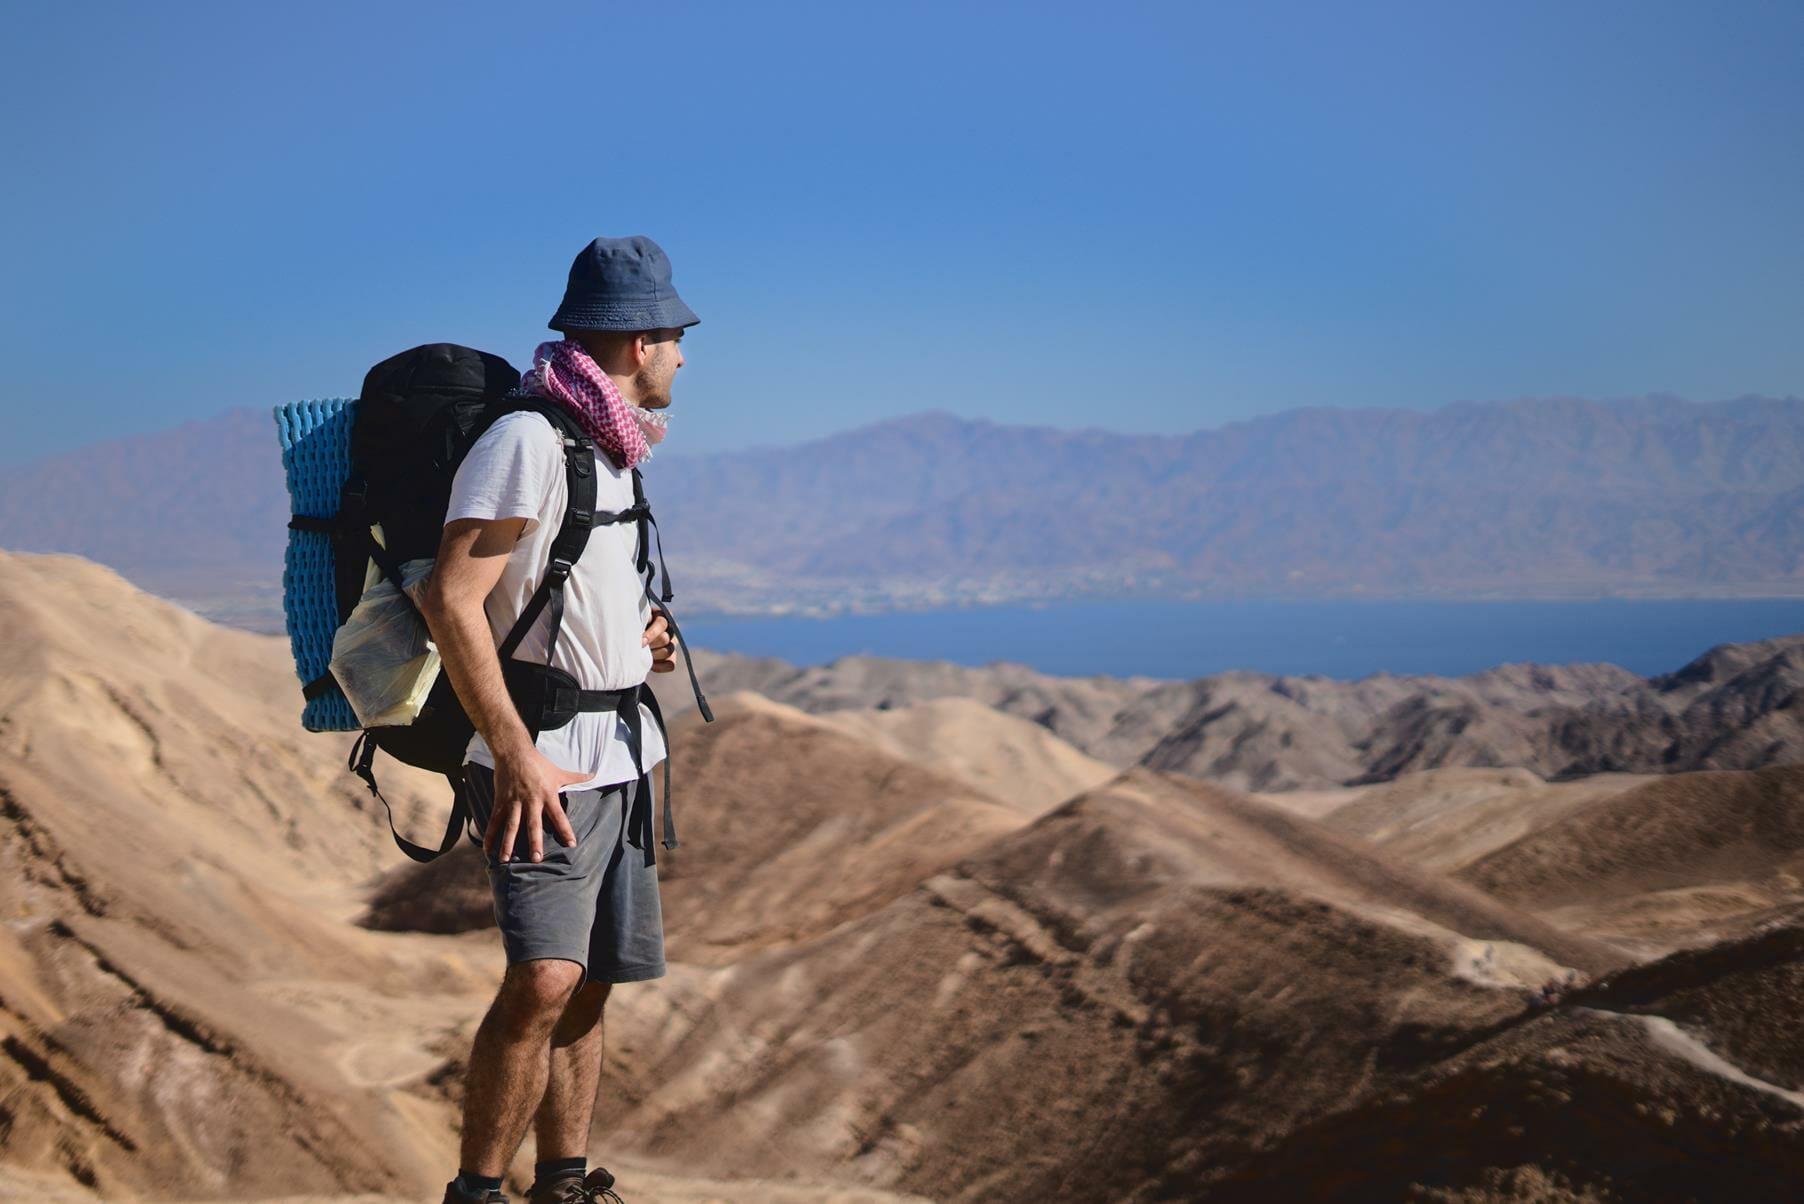 הר צפחות ומפרץ אילת, שביליסטים בשביל ישראל, צילום: יוסי אביטל